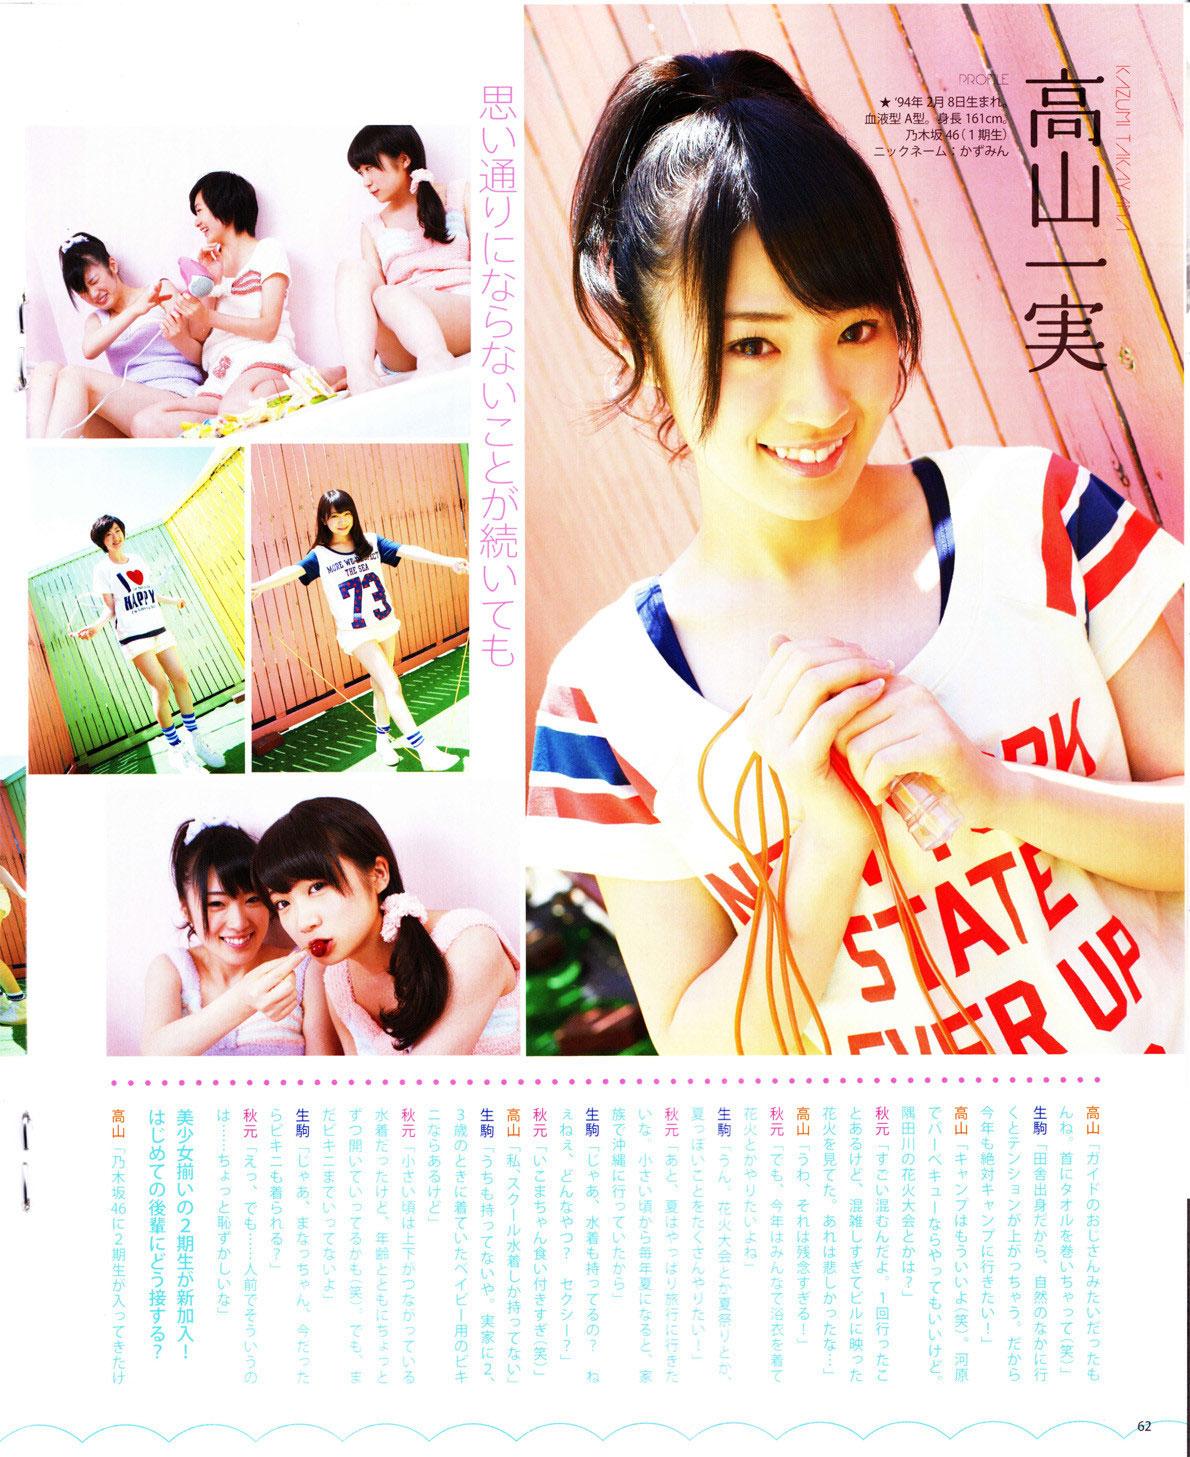 Nogizaka46 Kazumi Takayama Japanese Bomb Magazine